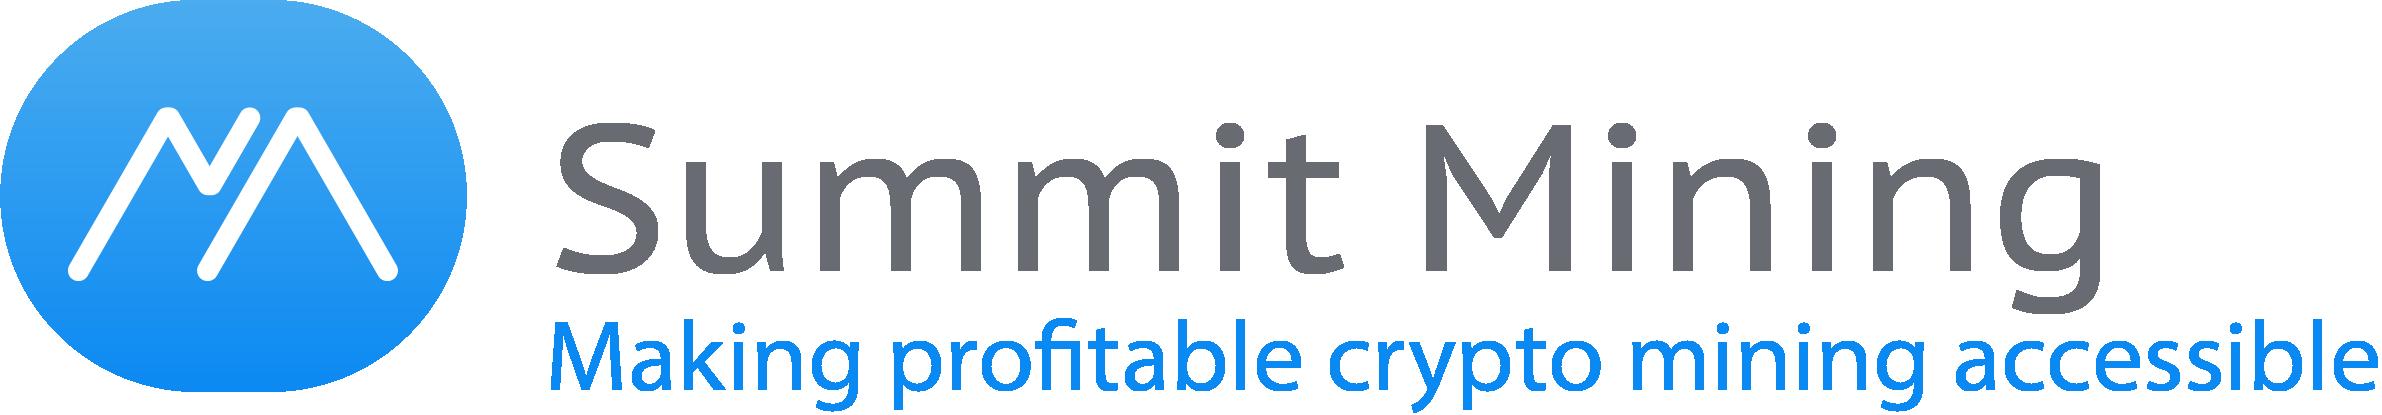 Summit Mininglogo